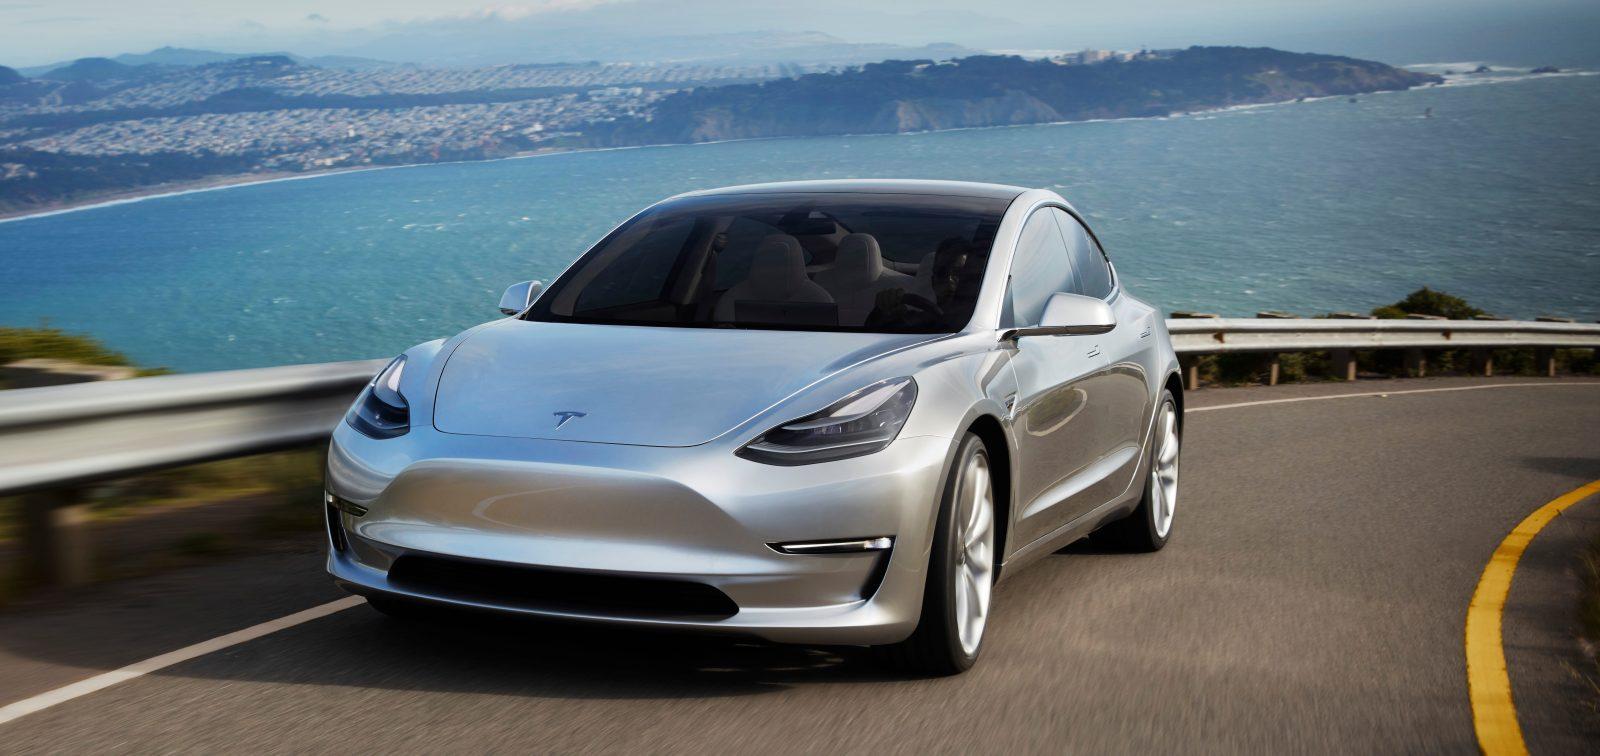 Самым молодым покупателем автомобиля Tesla стал 14-летний подросток